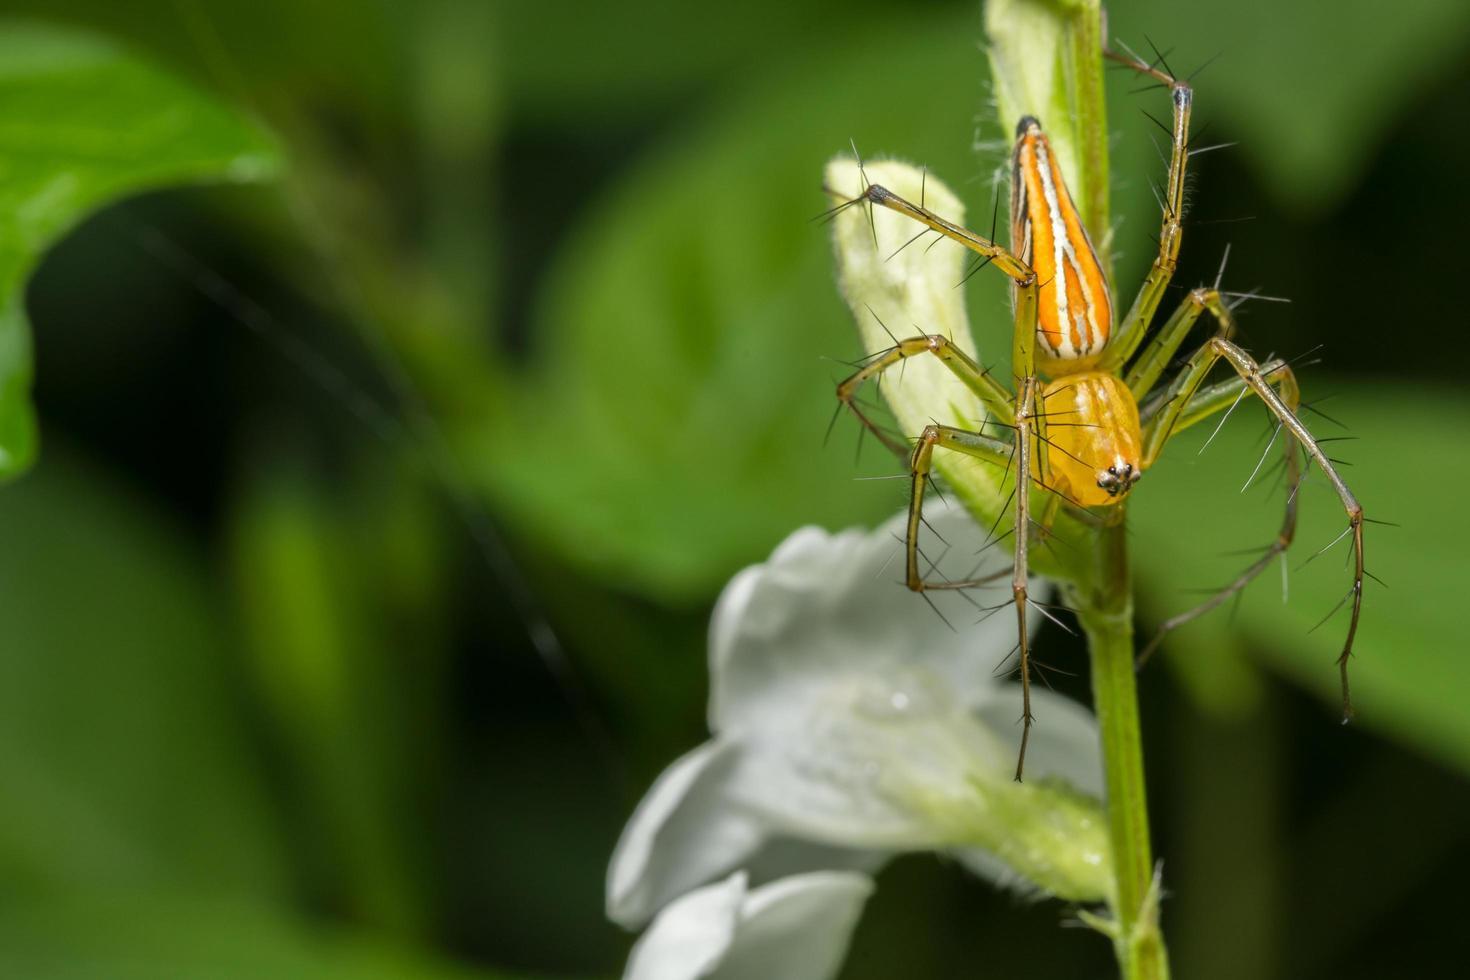 araignée jaune macro photo